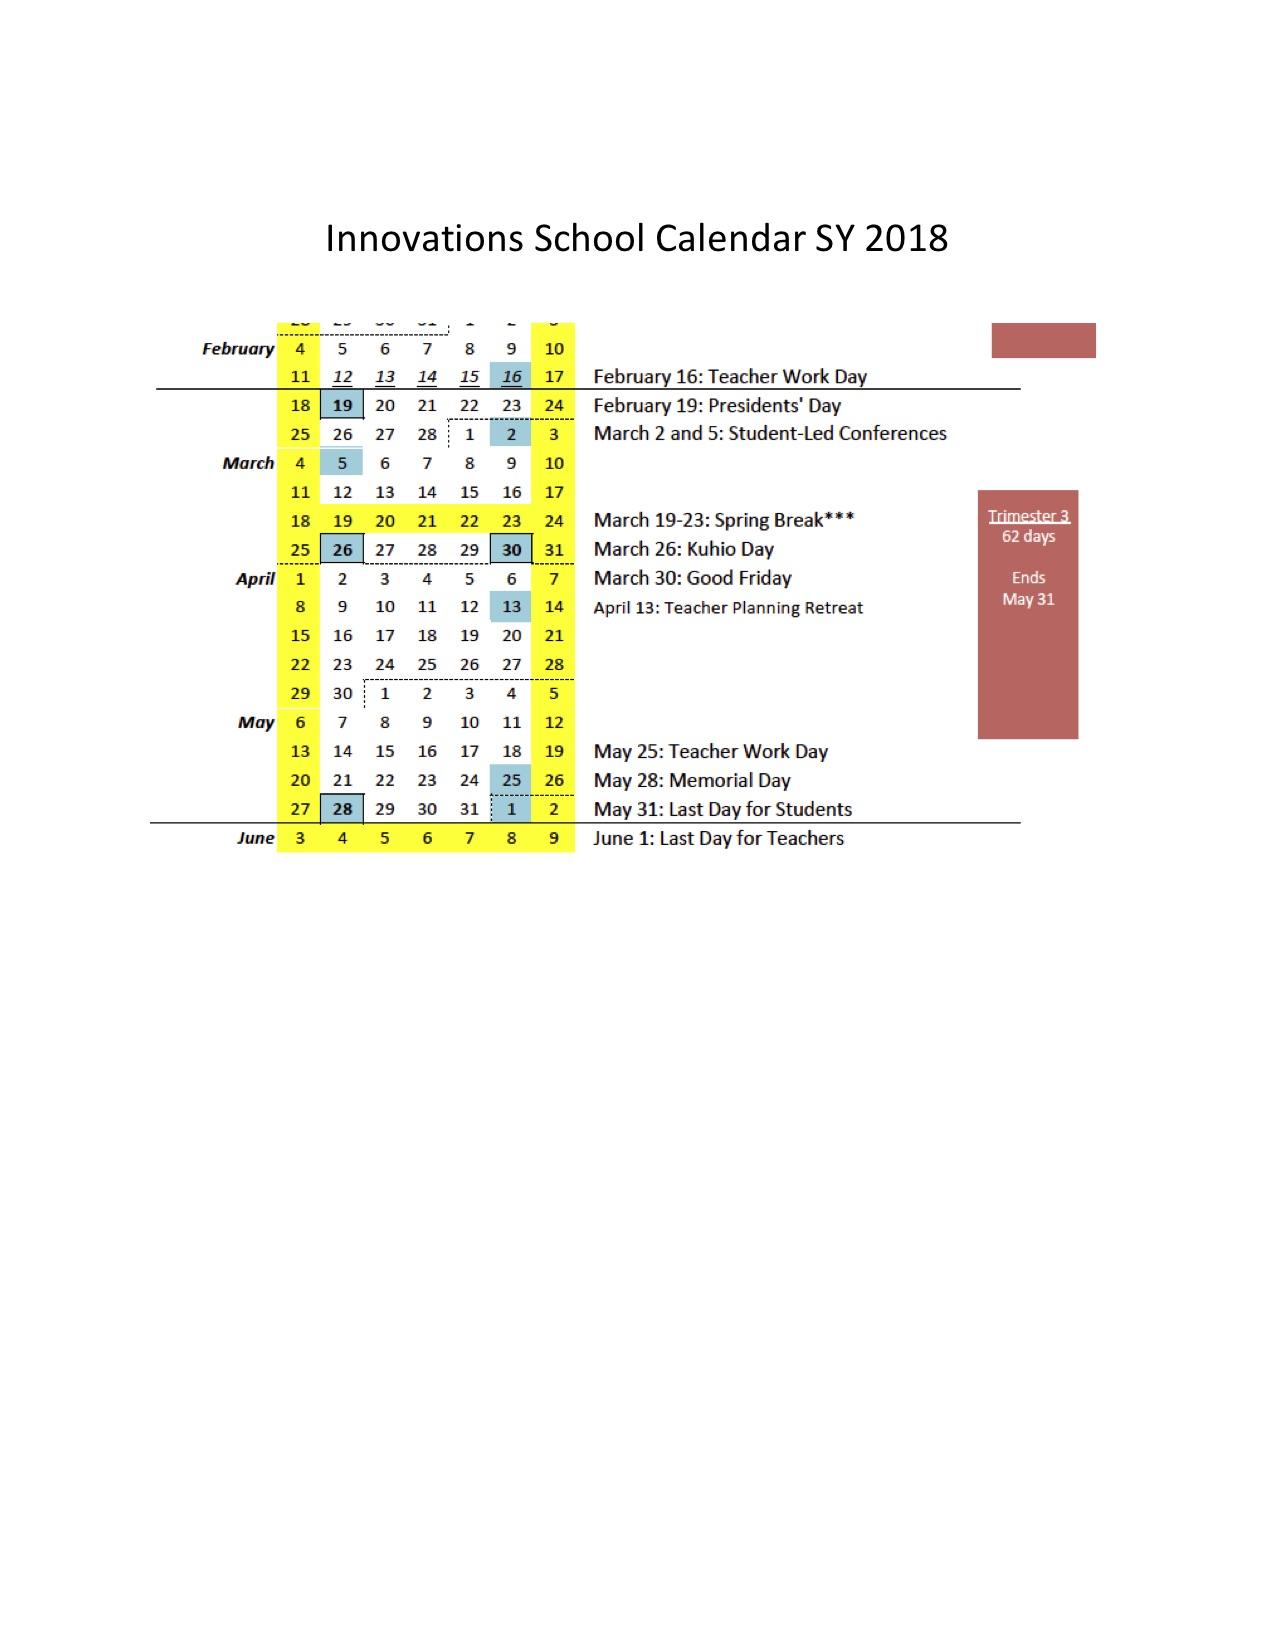 Innovations School Calendar SY 2018.jpg